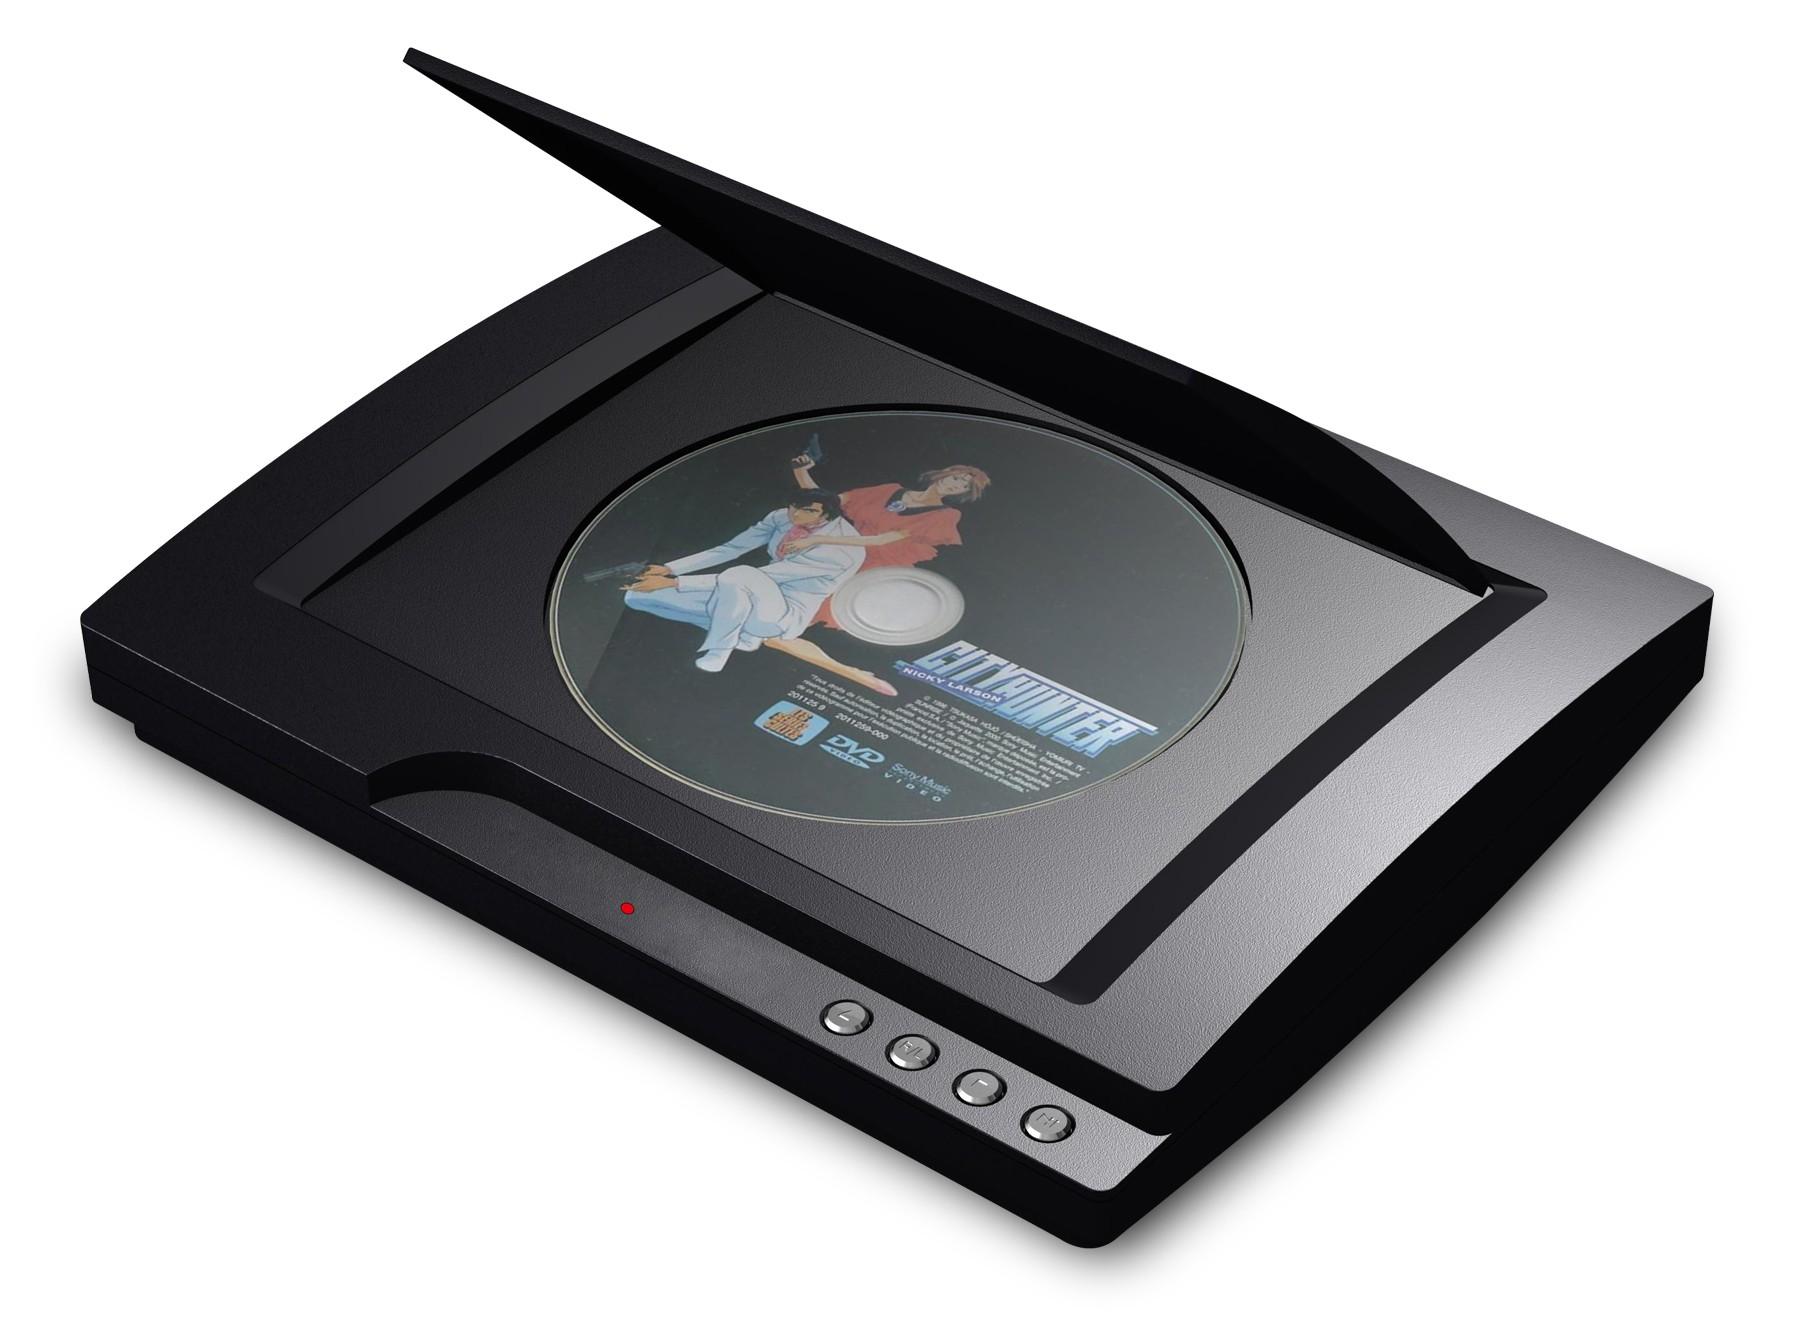 TELEFUNKEN TDV-210A DVD PLAYER Image